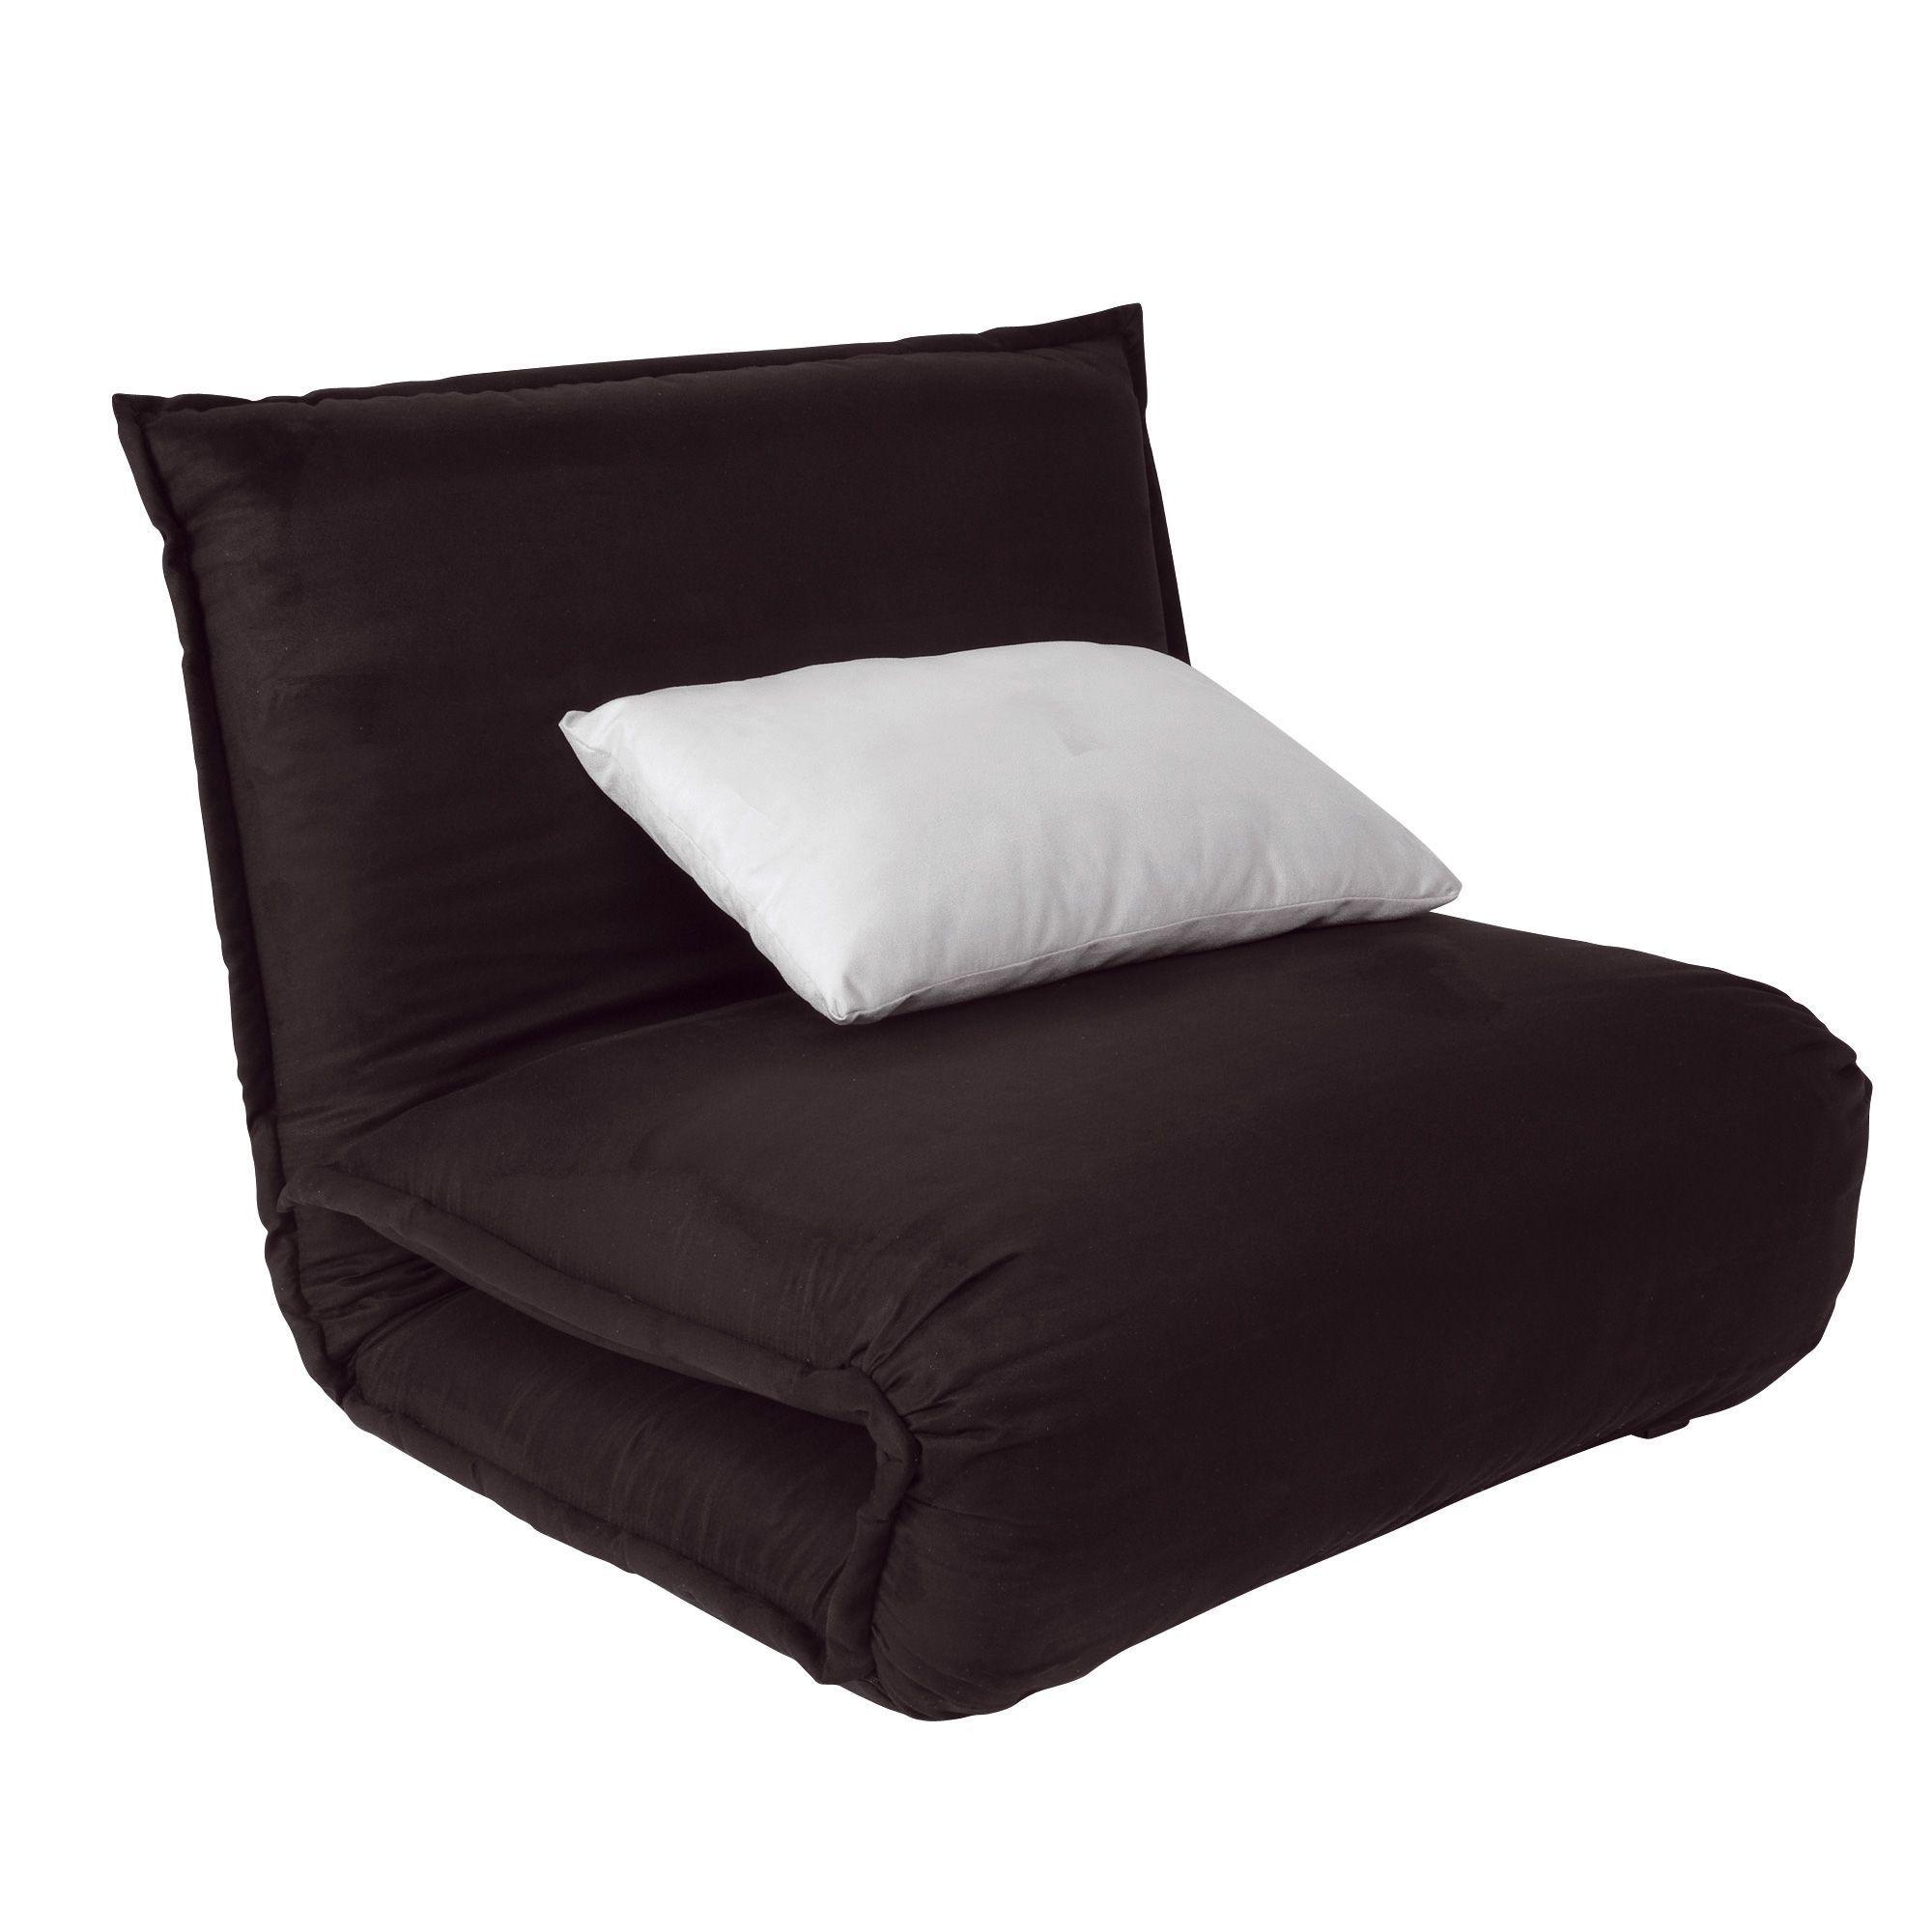 fauteuil convertible noir noir dodo fauteuils fauteuils et poufs salon et salle manger. Black Bedroom Furniture Sets. Home Design Ideas